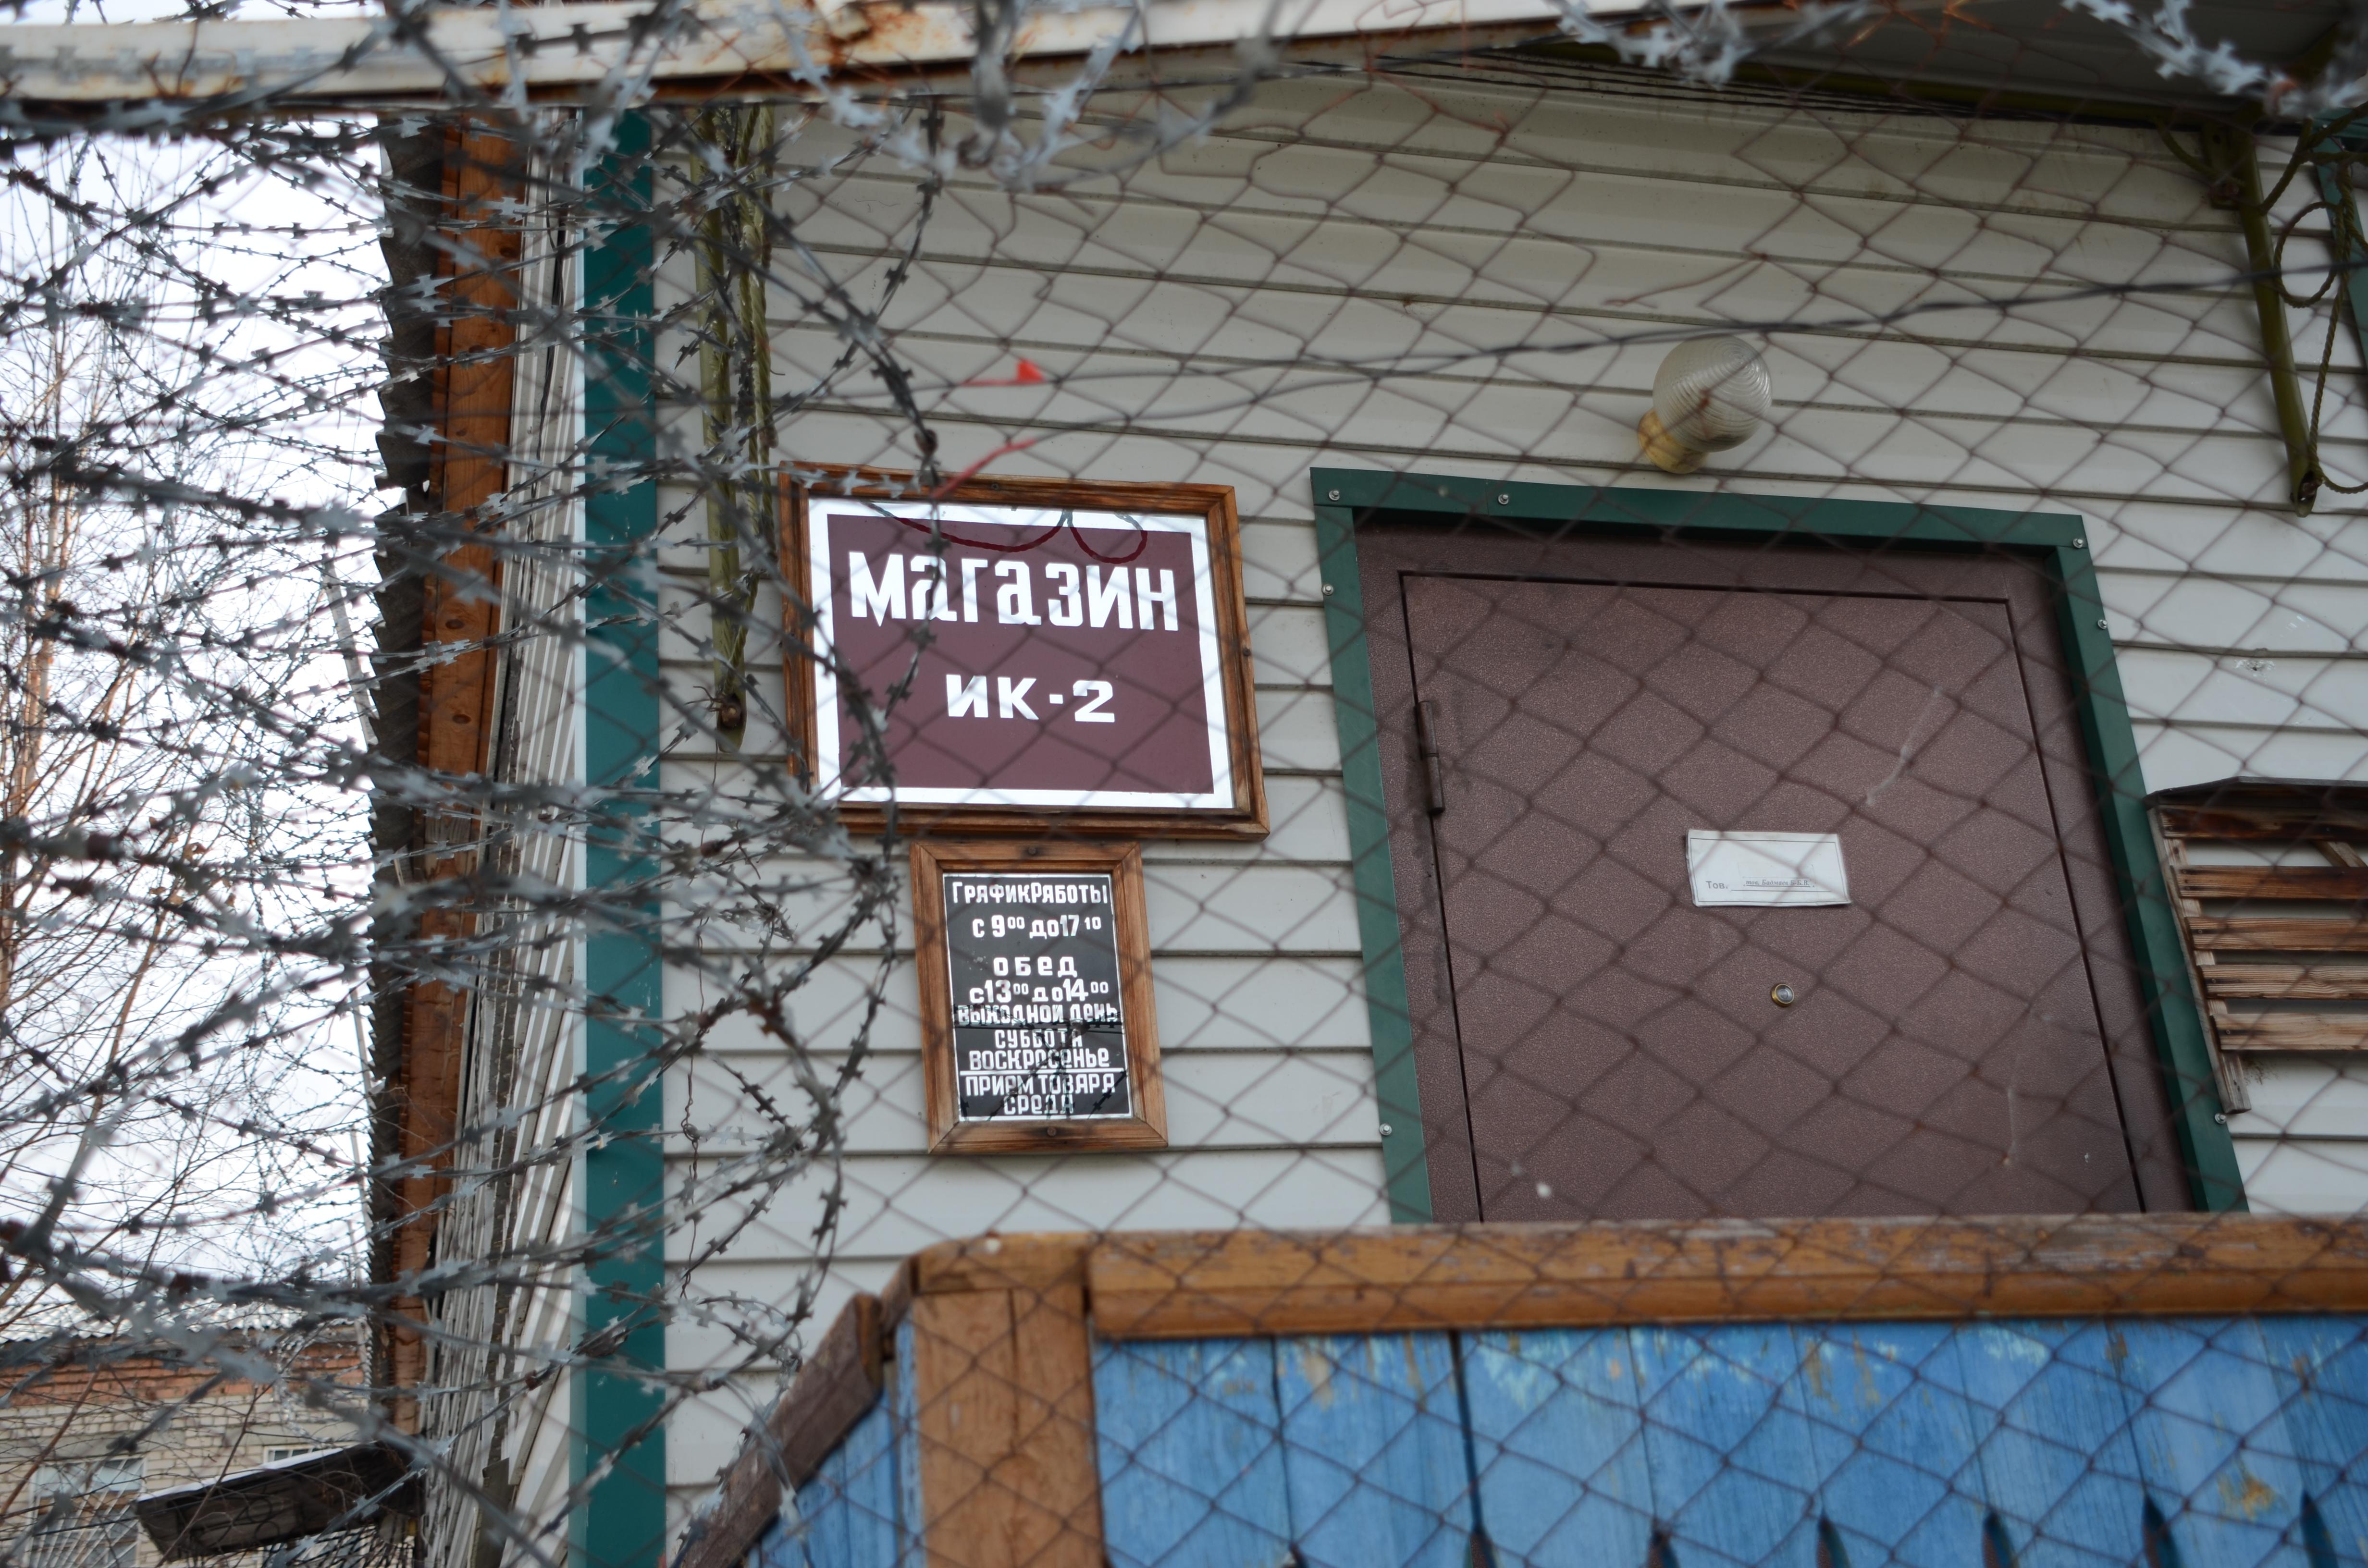 Бывший ЗК из Шара-Горохона: Администрация колонии договаривается с ауешниками для давления на жалующихся в ЕСПЧ